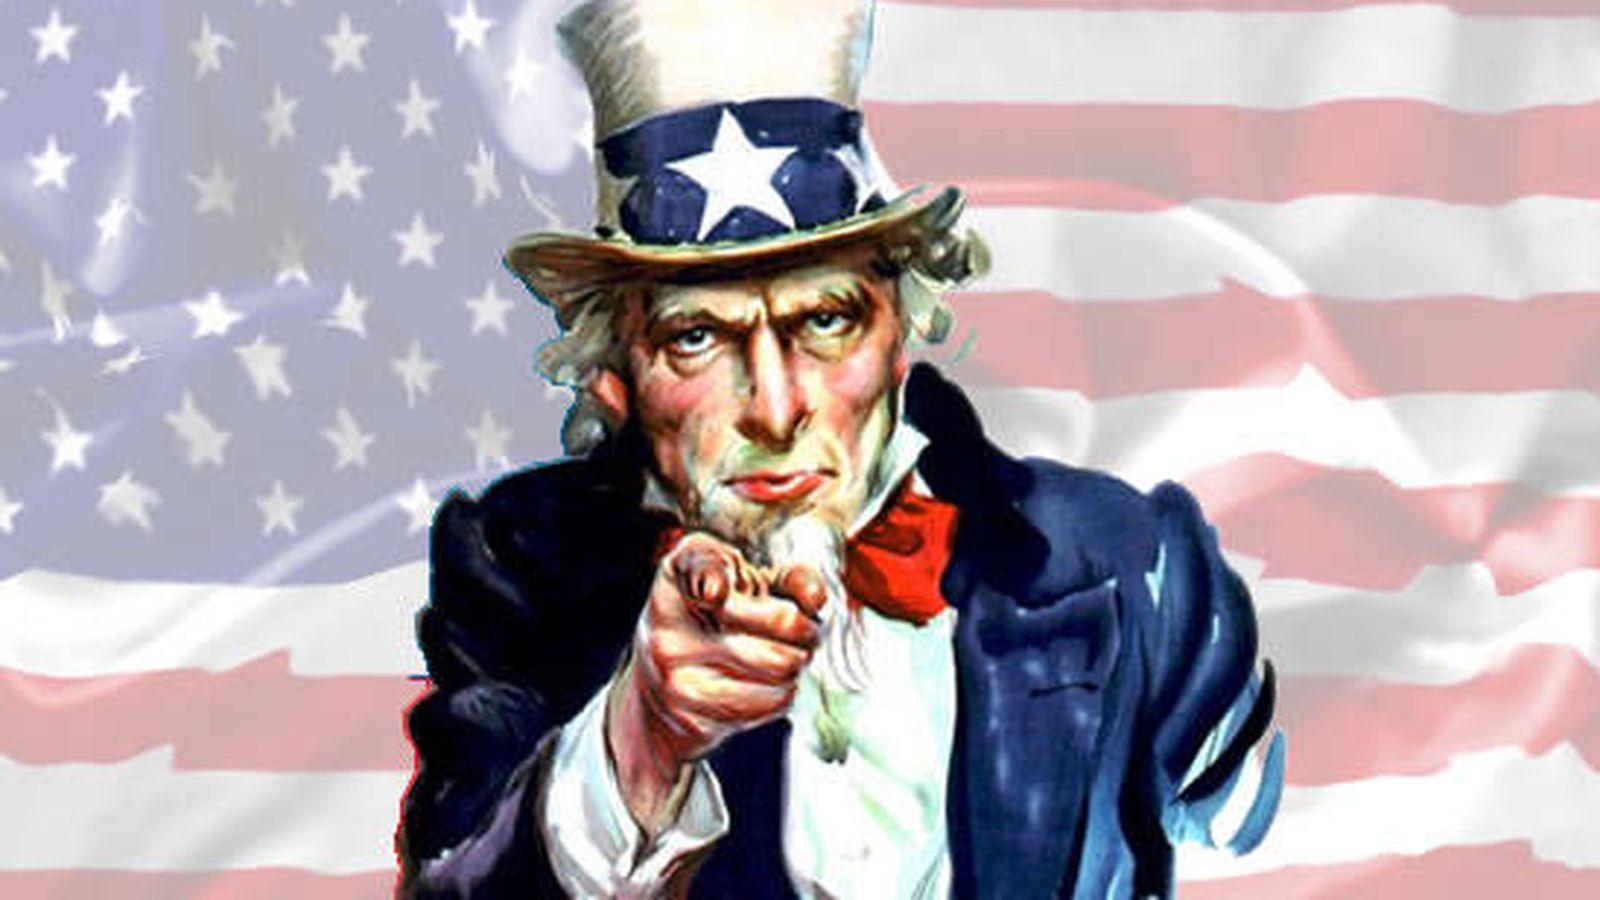 """Foto: """"¿Cuánto sabes de la historia de Estados Unidos?"""", pregunta el tío Sam"""